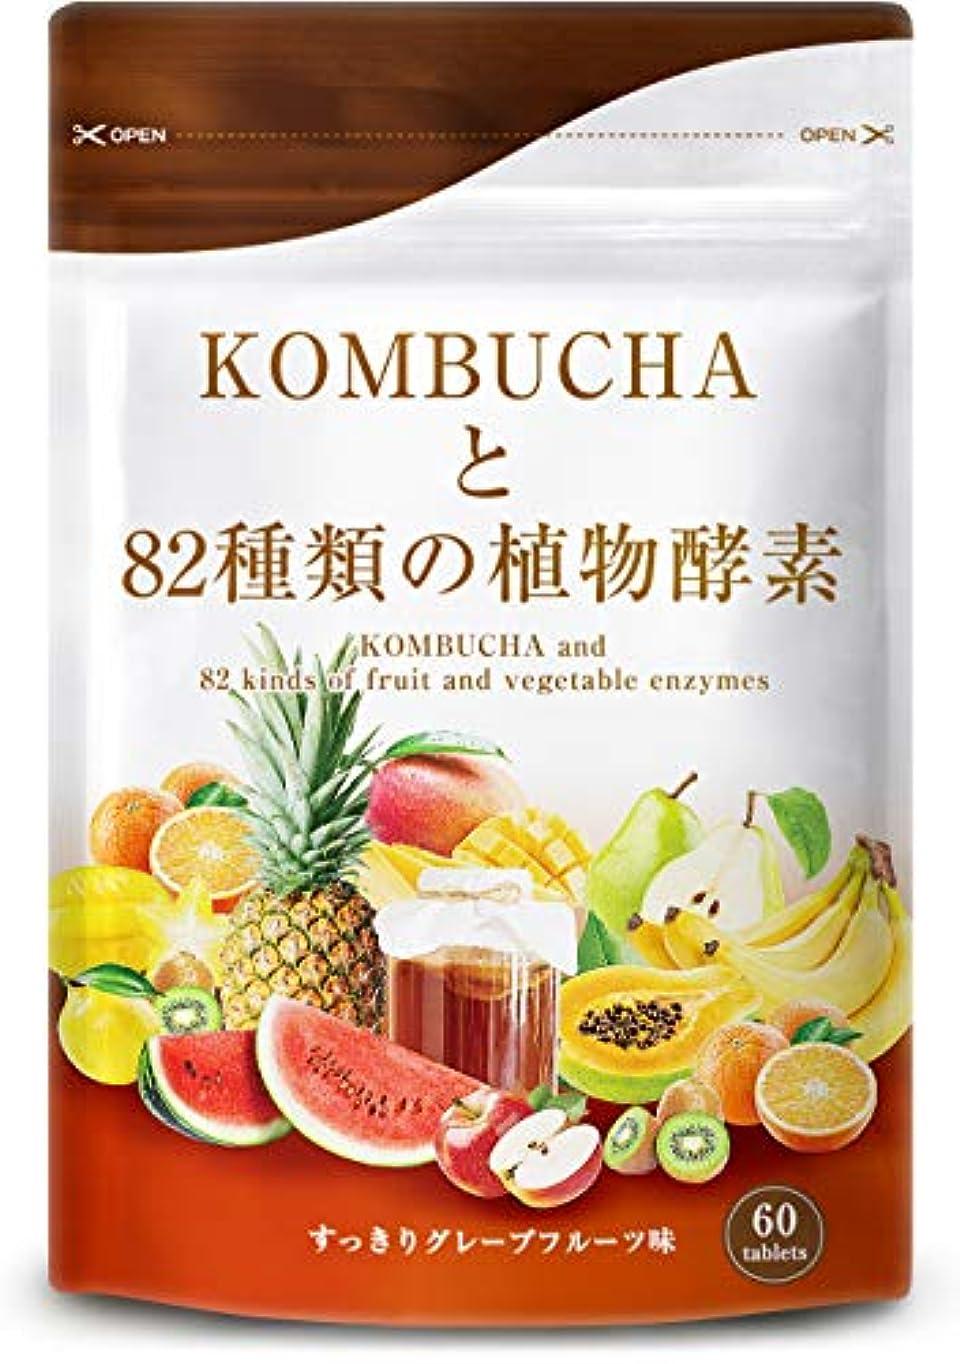 袋トロリーワンダーコンブチャと82種類の植物酵素 グレープフルーツ味 タブレット 60粒 30日分